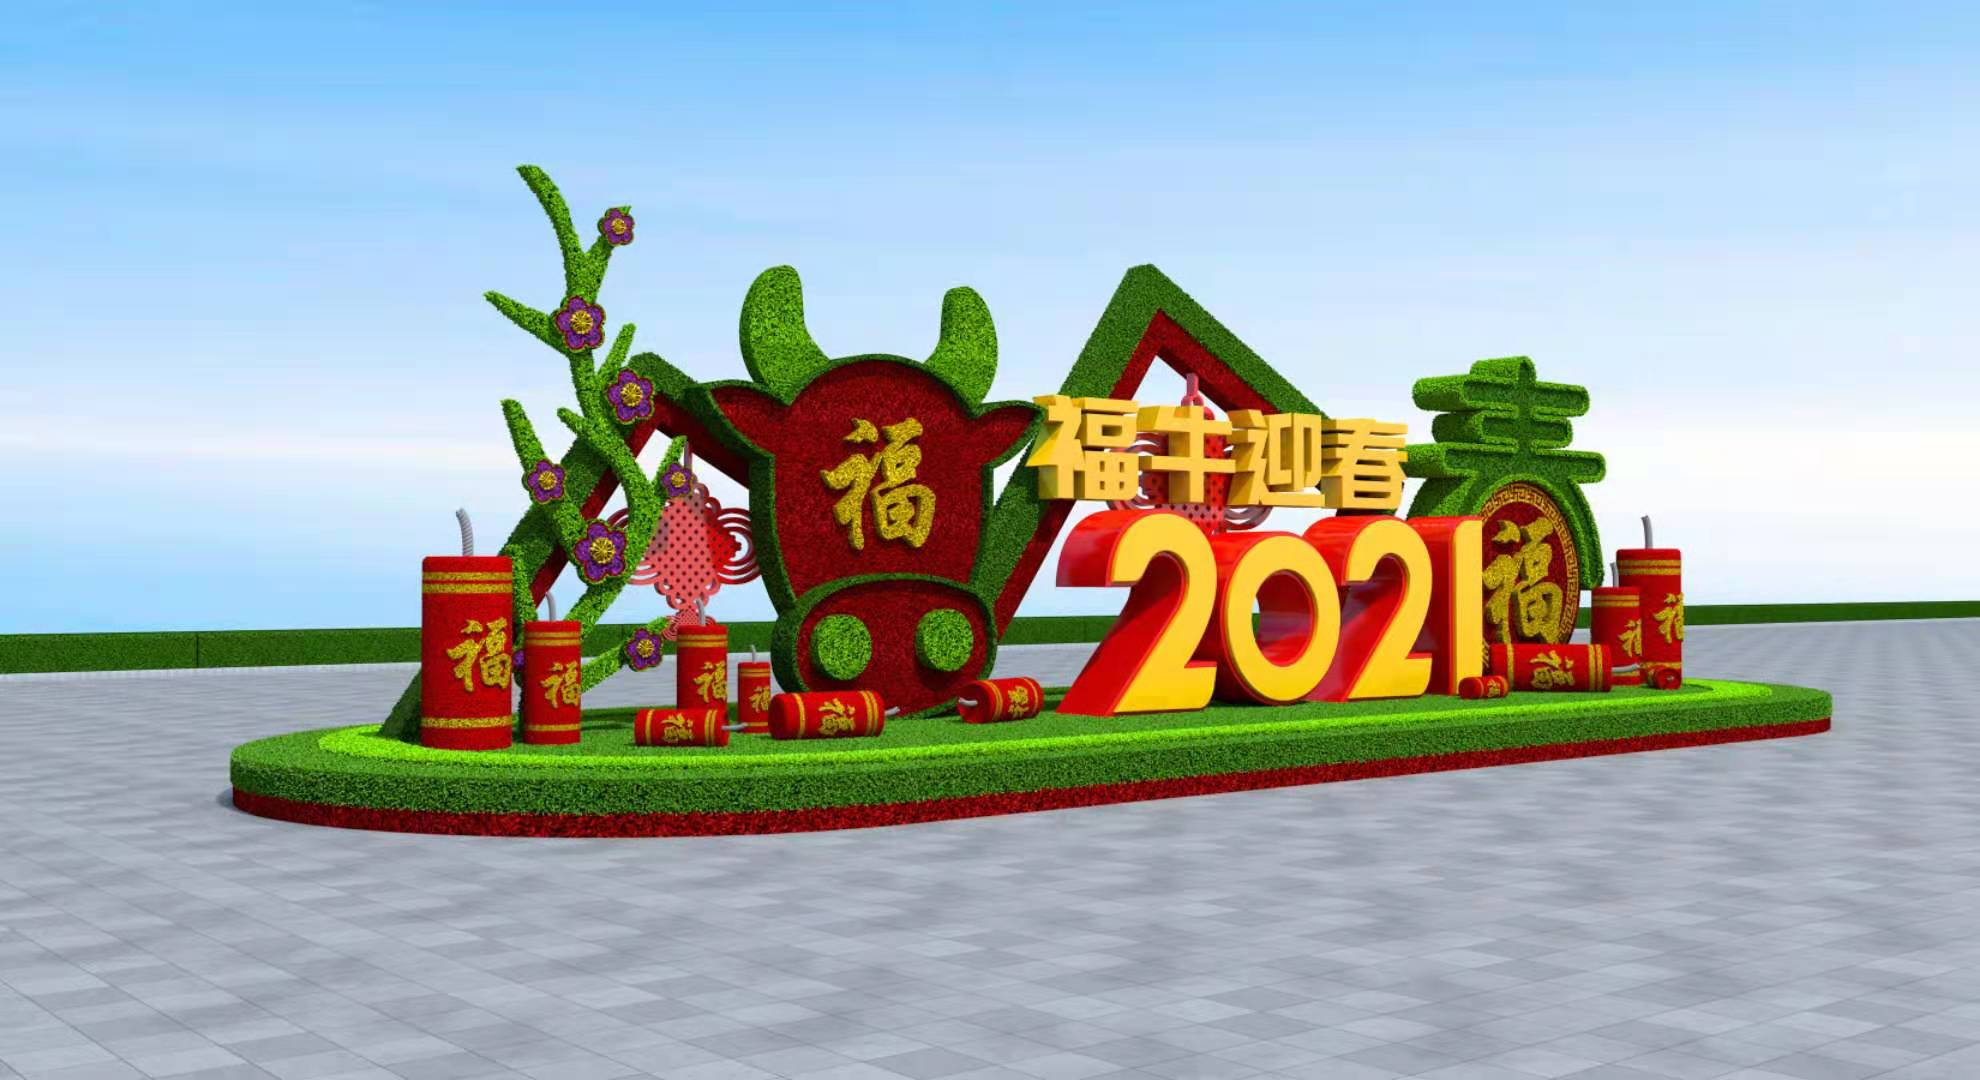 沛县春节绿雕加工-植物雕塑-景观绿雕